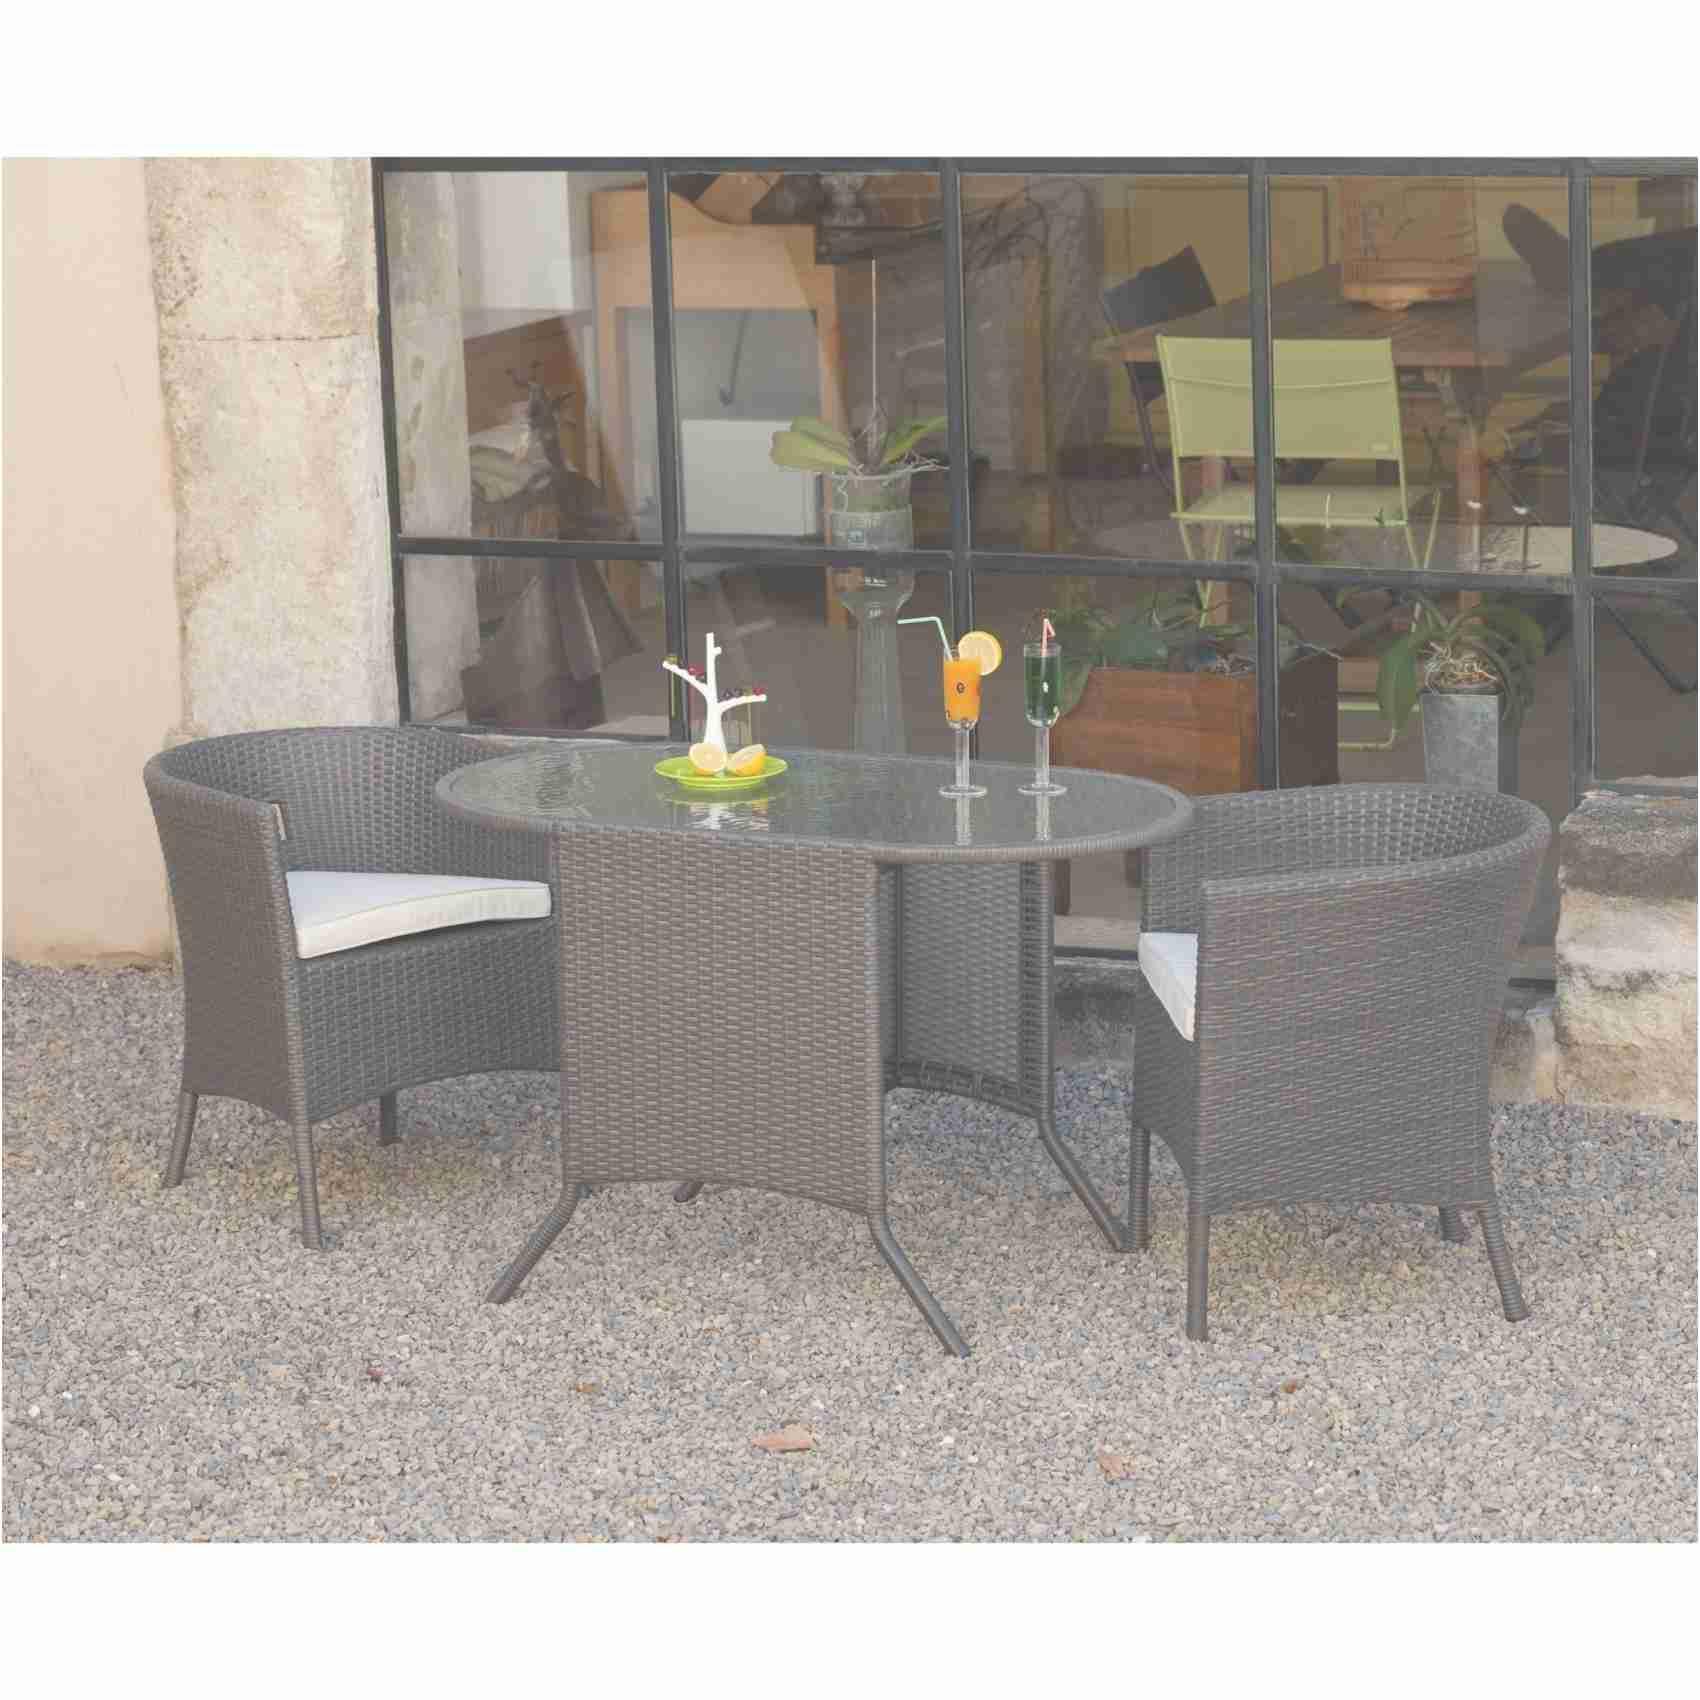 mobilier jardin leclerc unique ensemble table et chaise de jardin alinea mobilier de de mobilier jardin leclerc